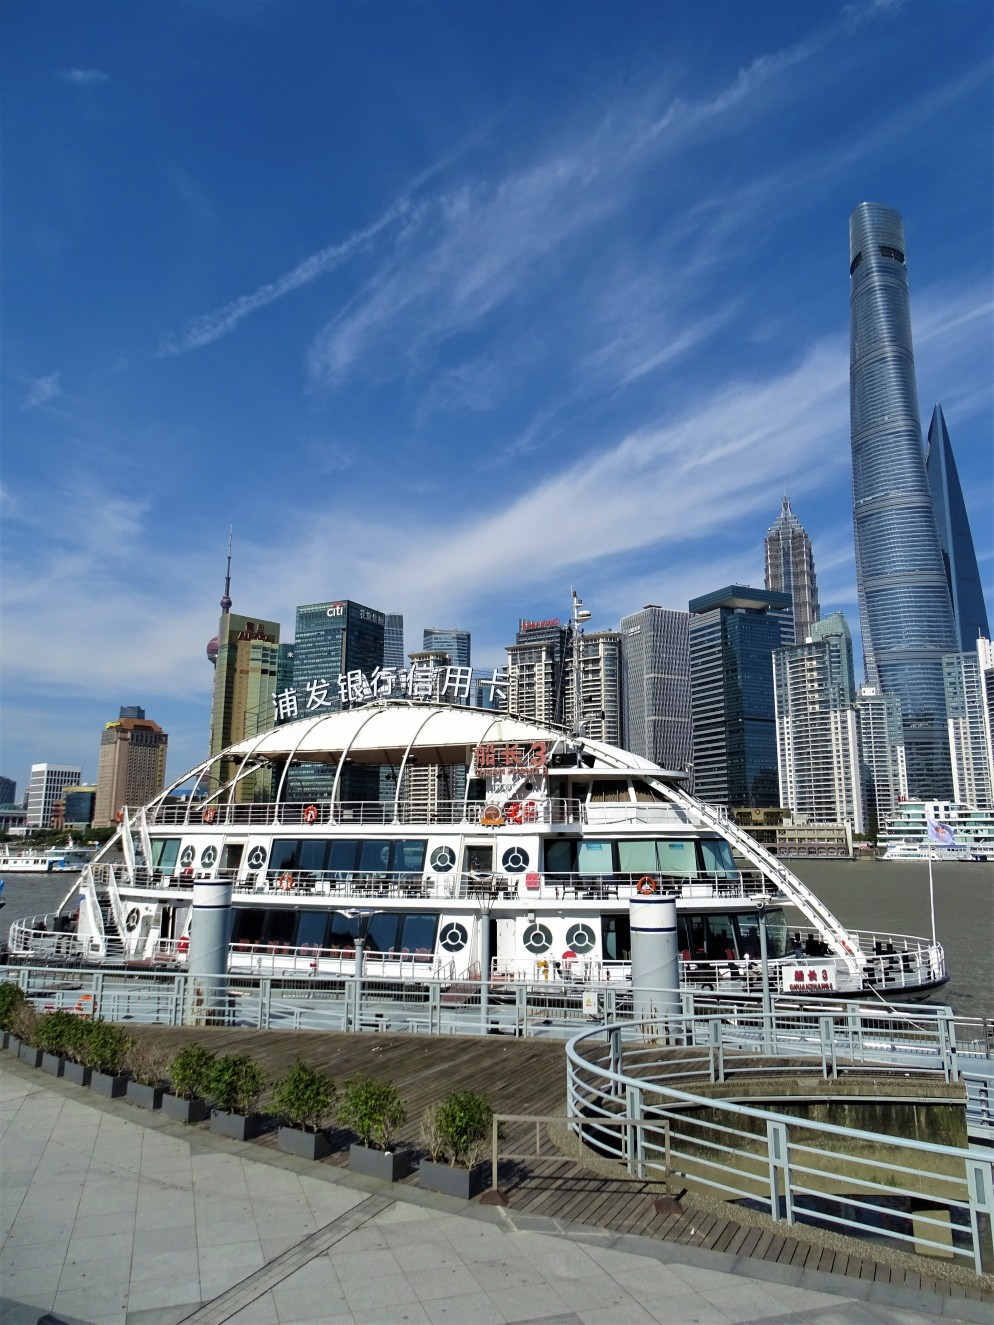 the Bund of Shanghai